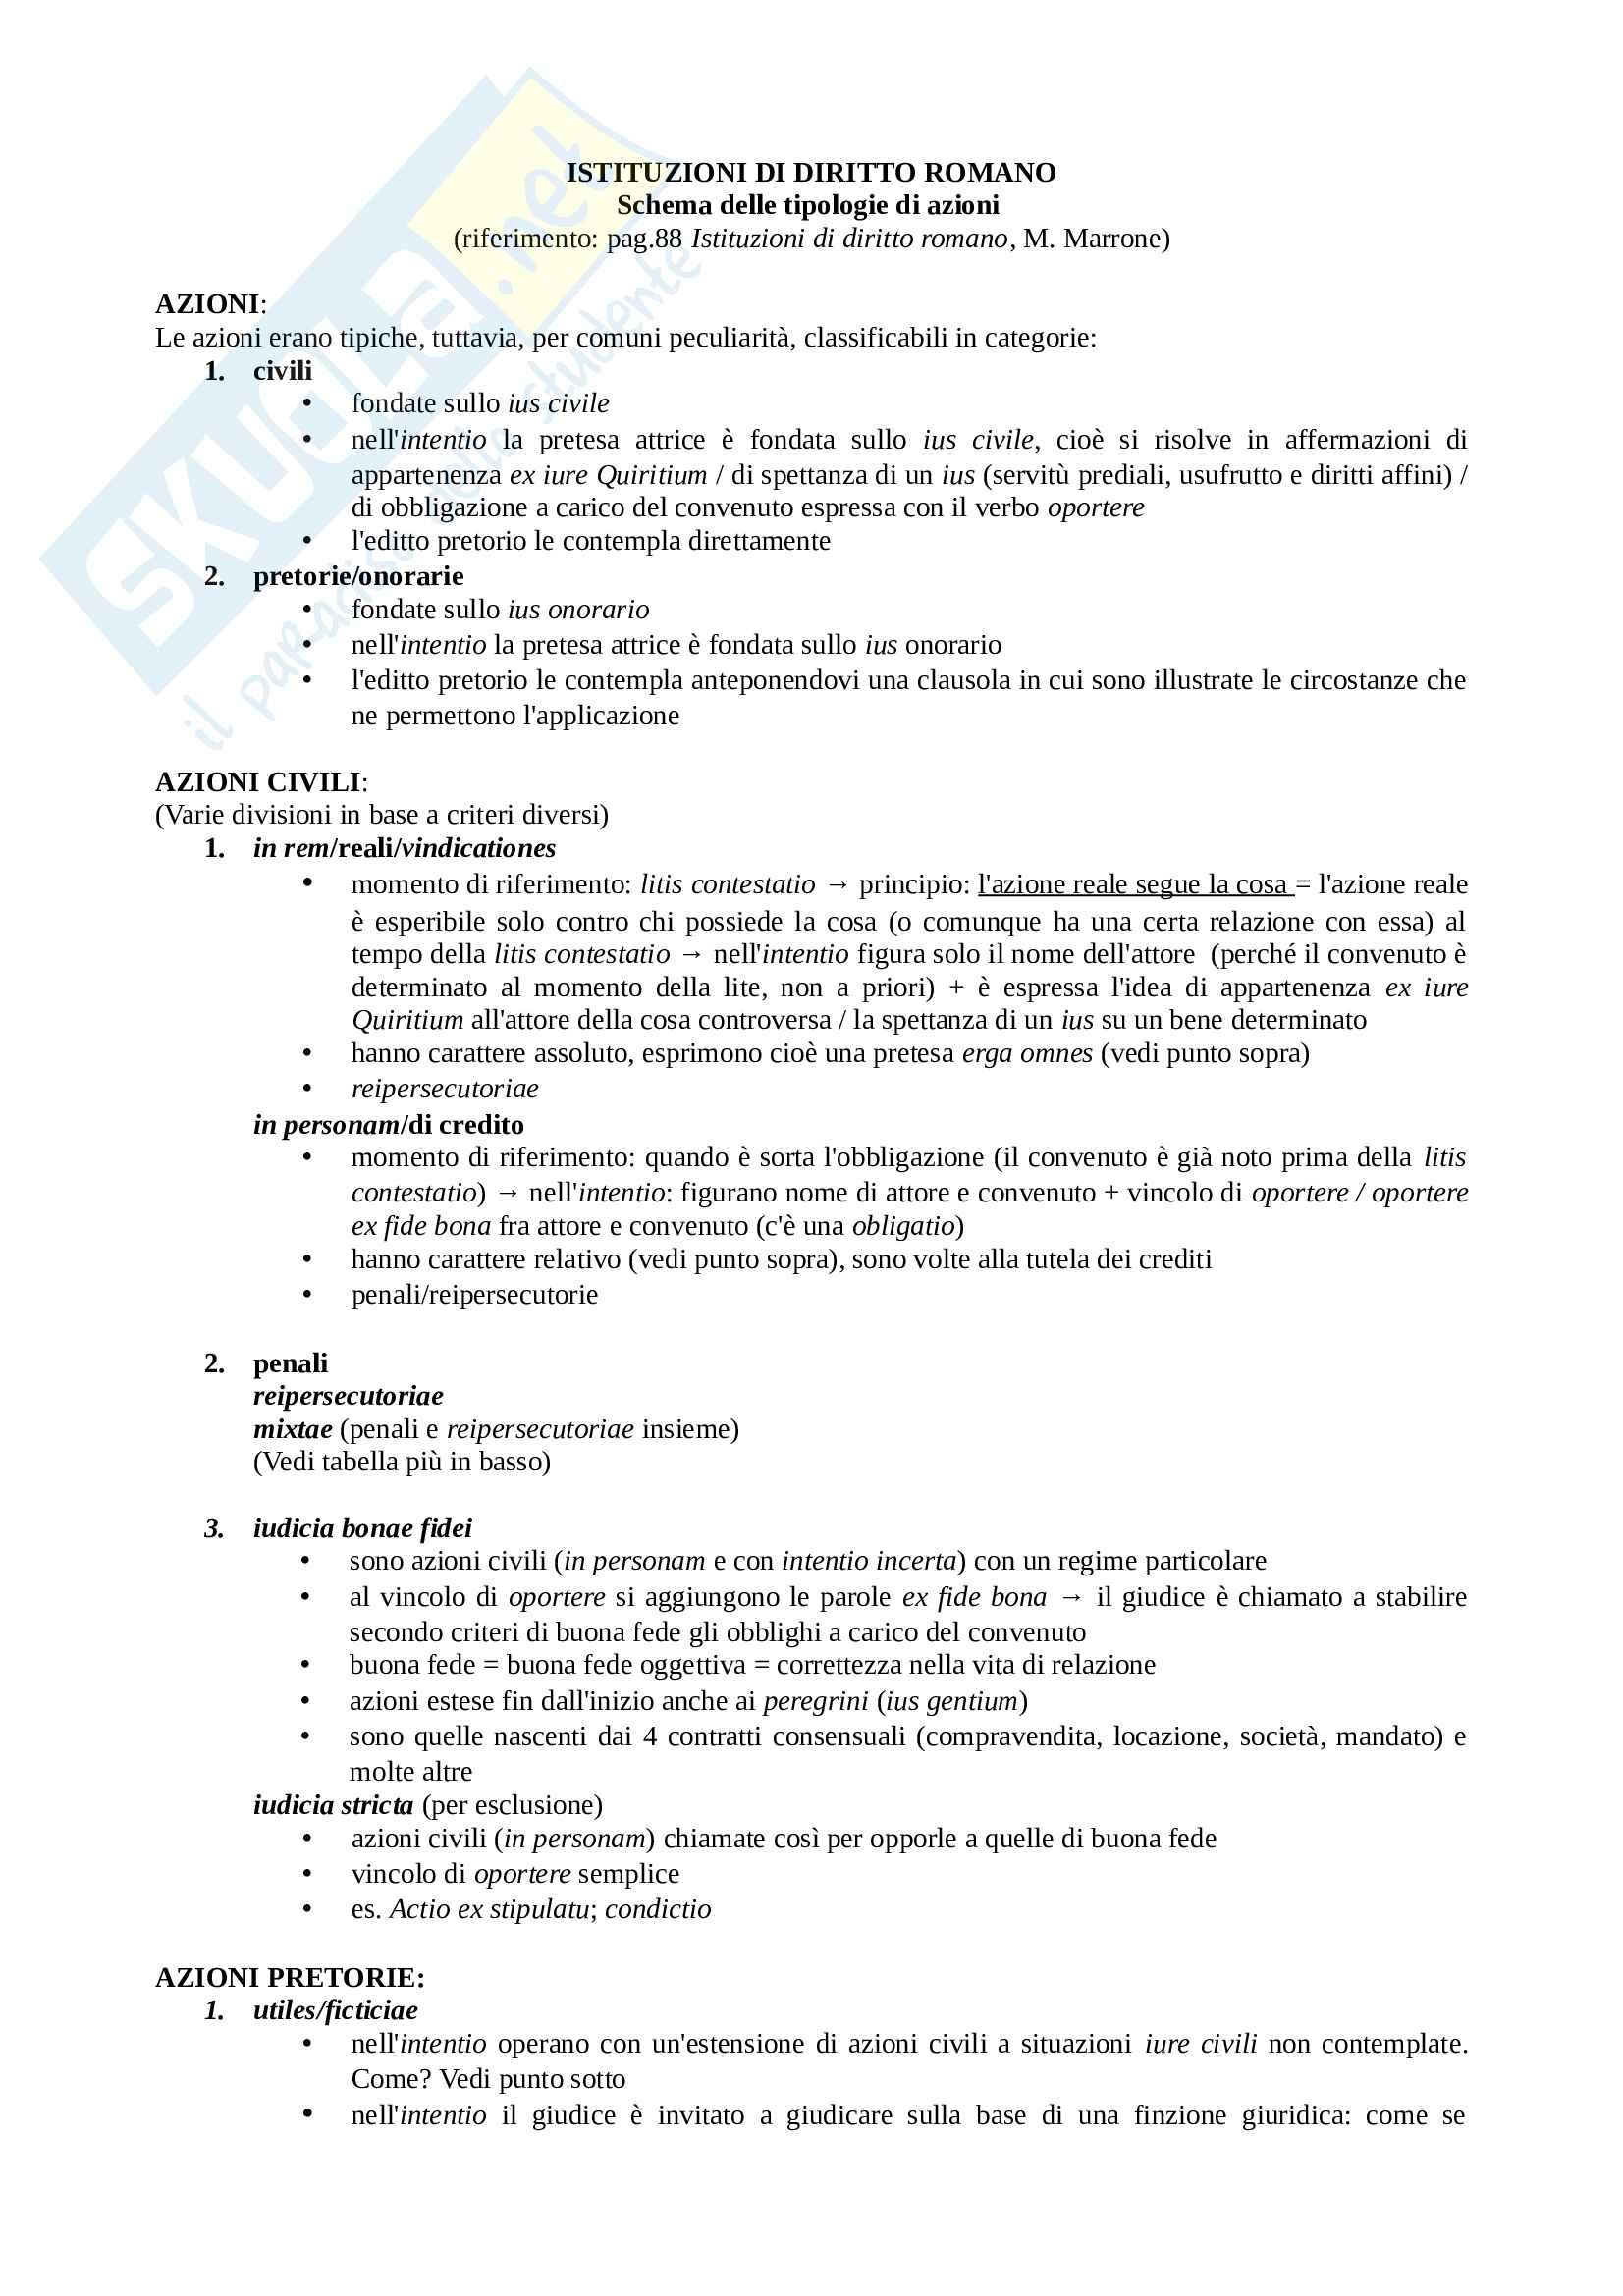 Schema: tipologie di azioni nel diritto romano, Istituzioni di diritto romano